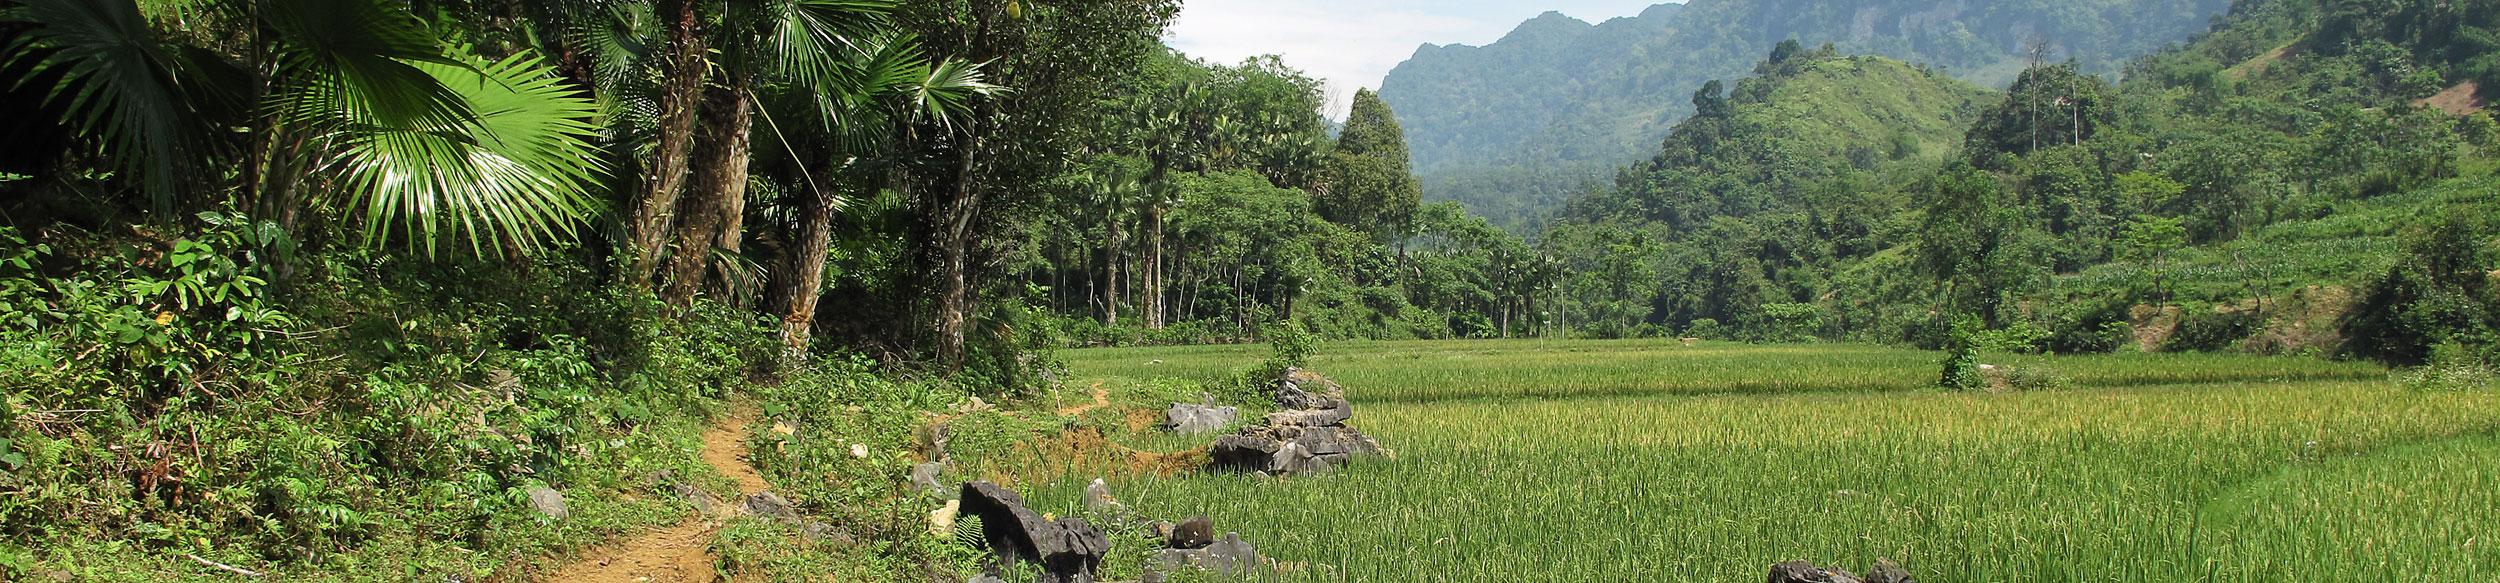 paysage de forêt et rizières dans la réserve de Ngoc Son Ngo Luong